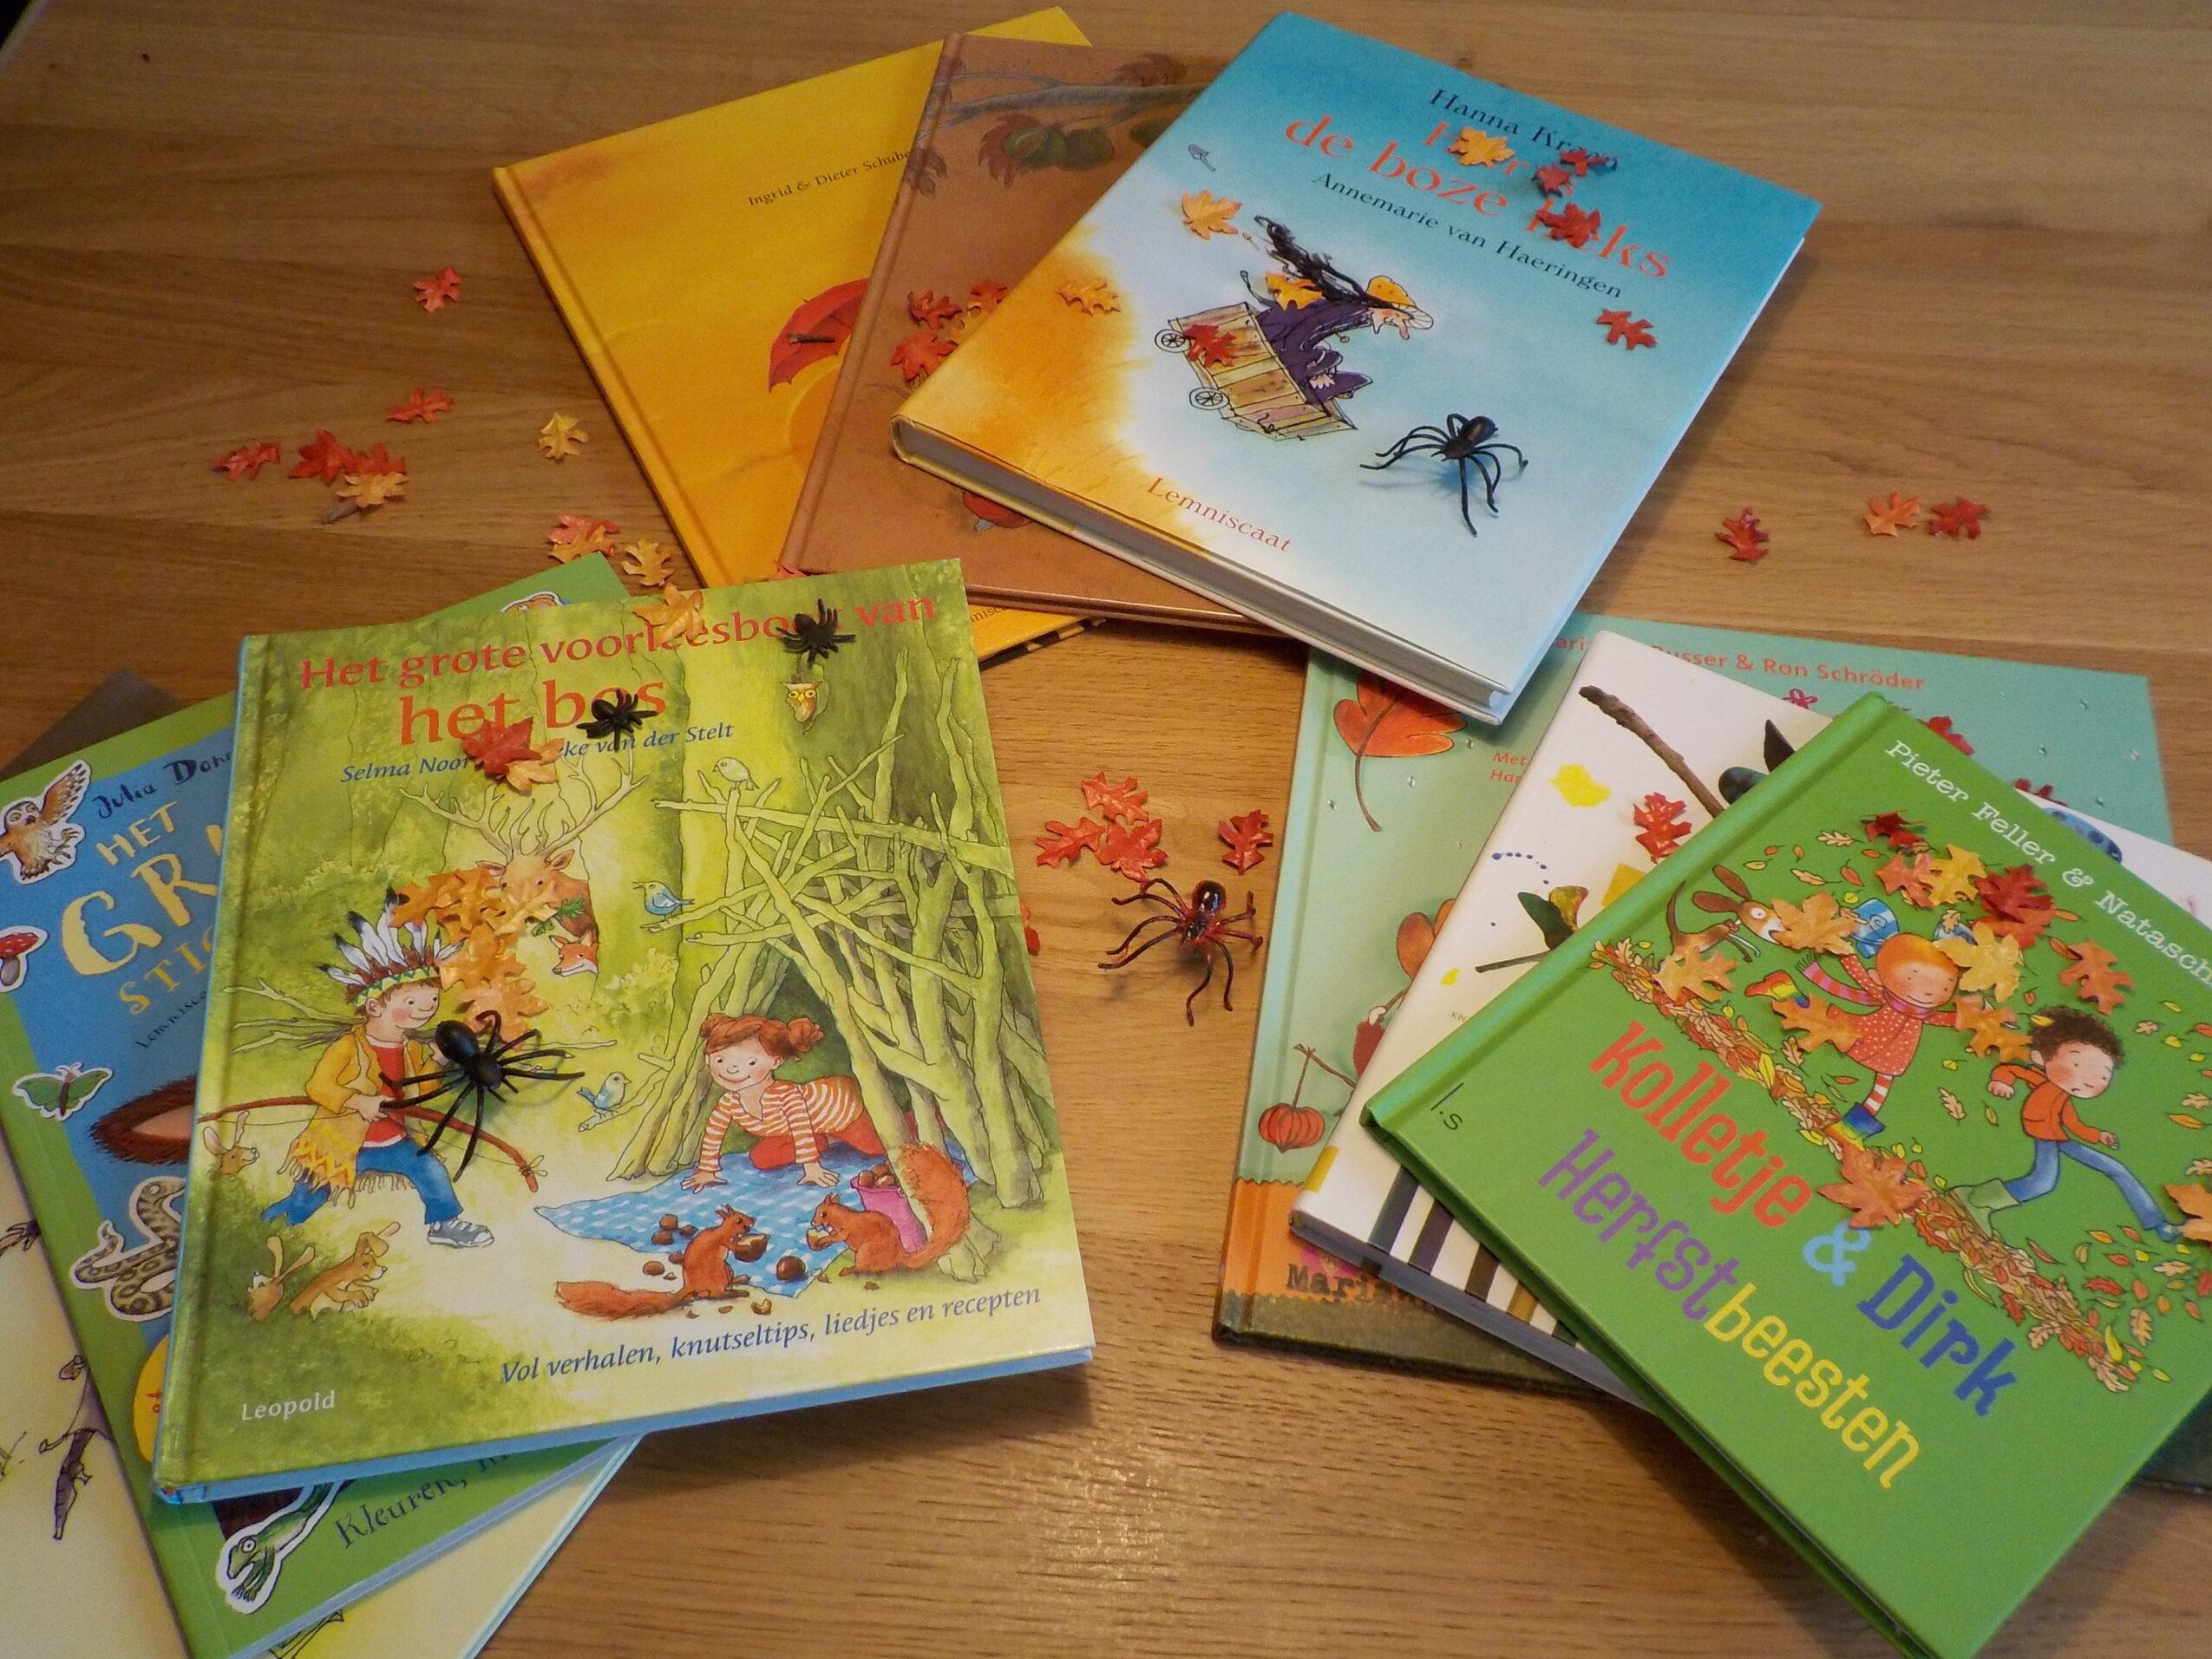 De leukste herfstboeken juf maike leerkracht website en blog - Bereik kind boek ...